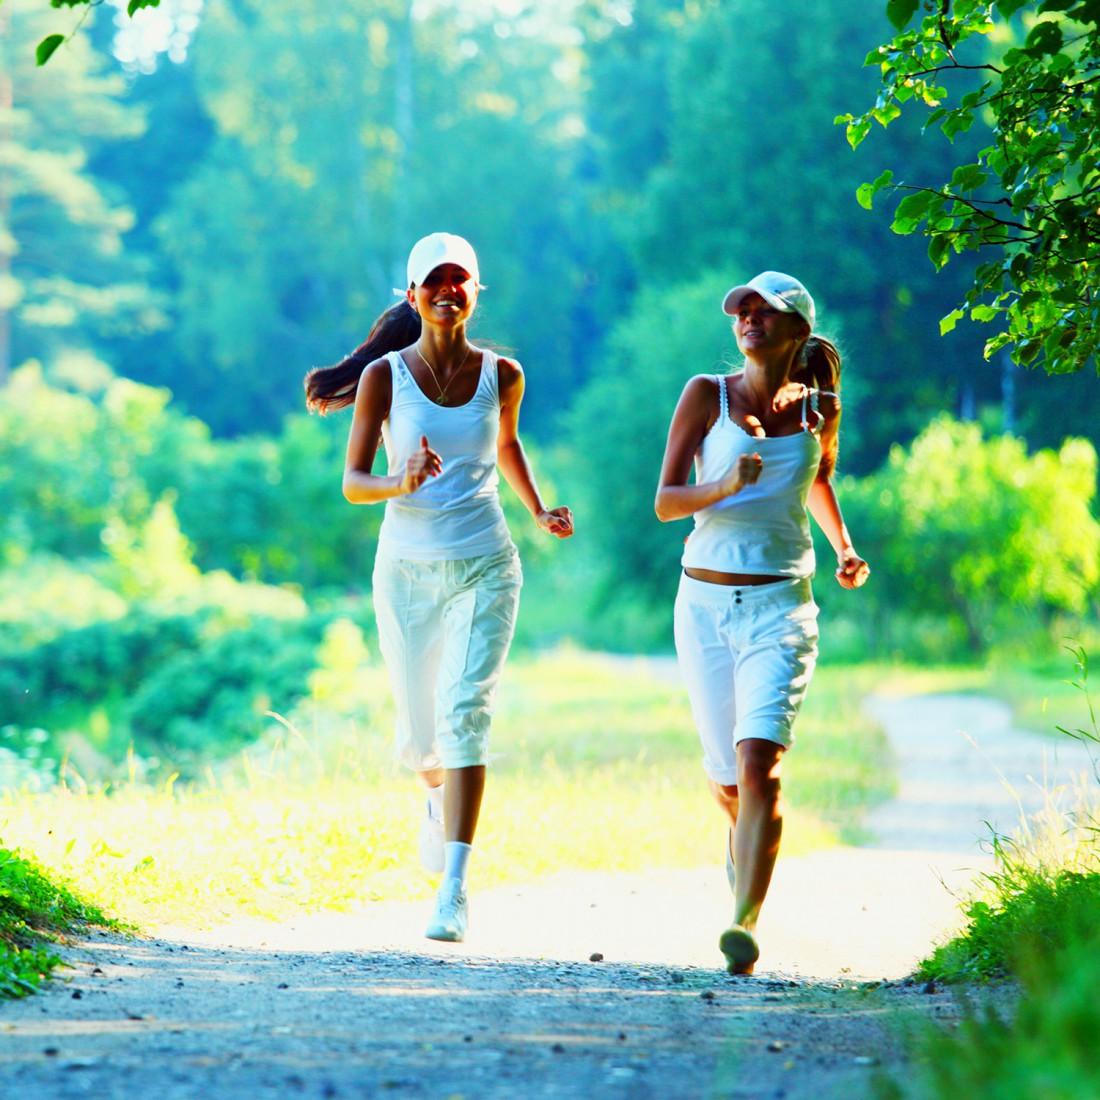 Бег – одна из лучших физических нагрузок для снижения веса